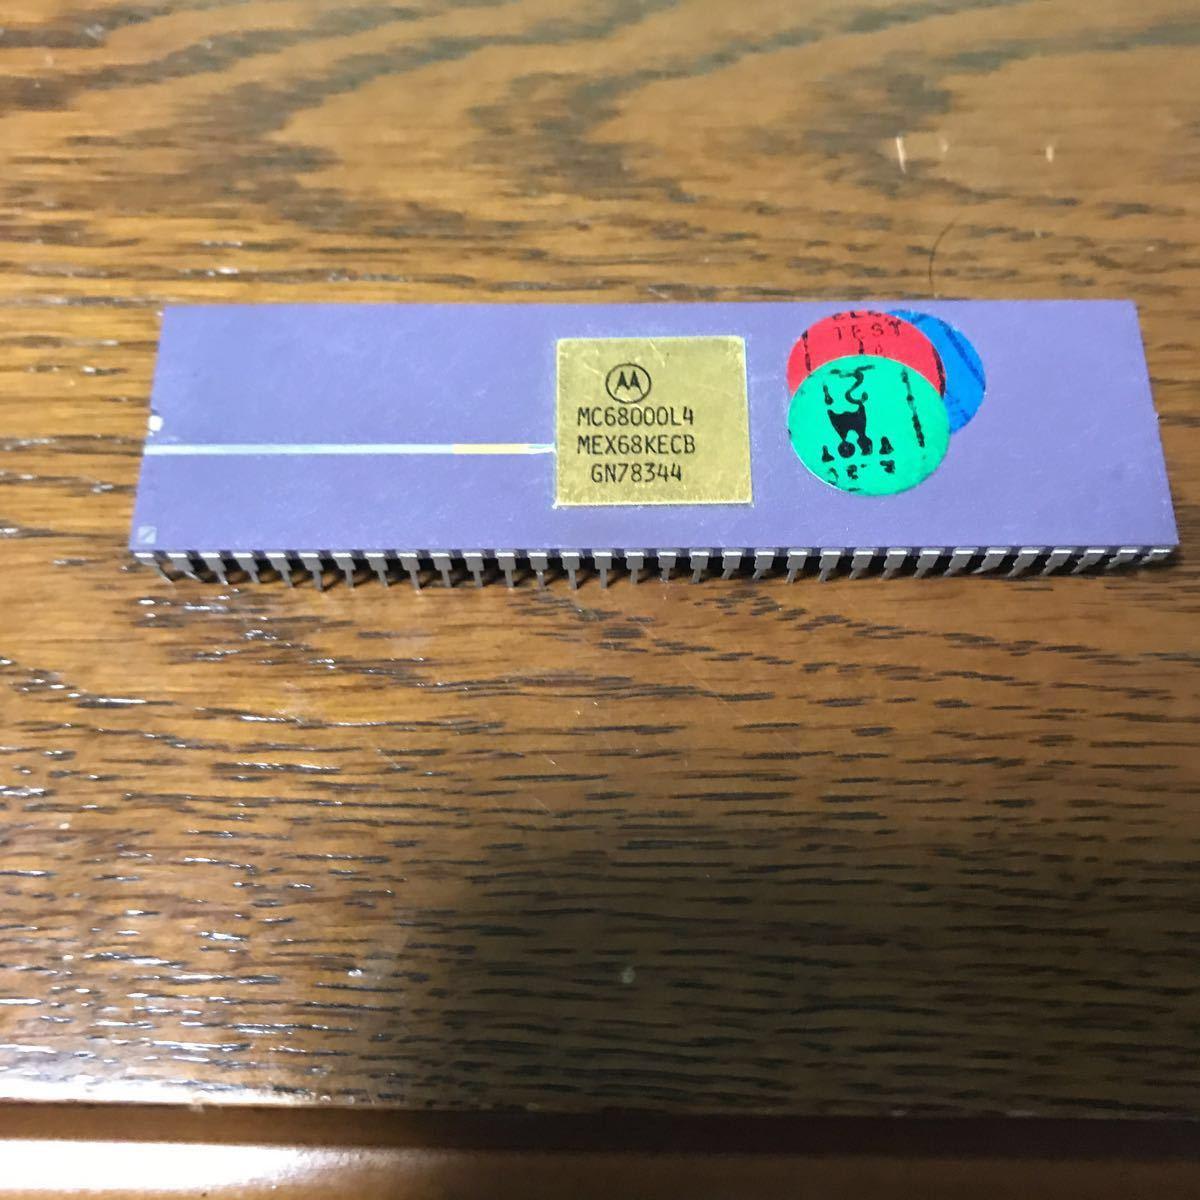 Motorola cpu MC68000L4